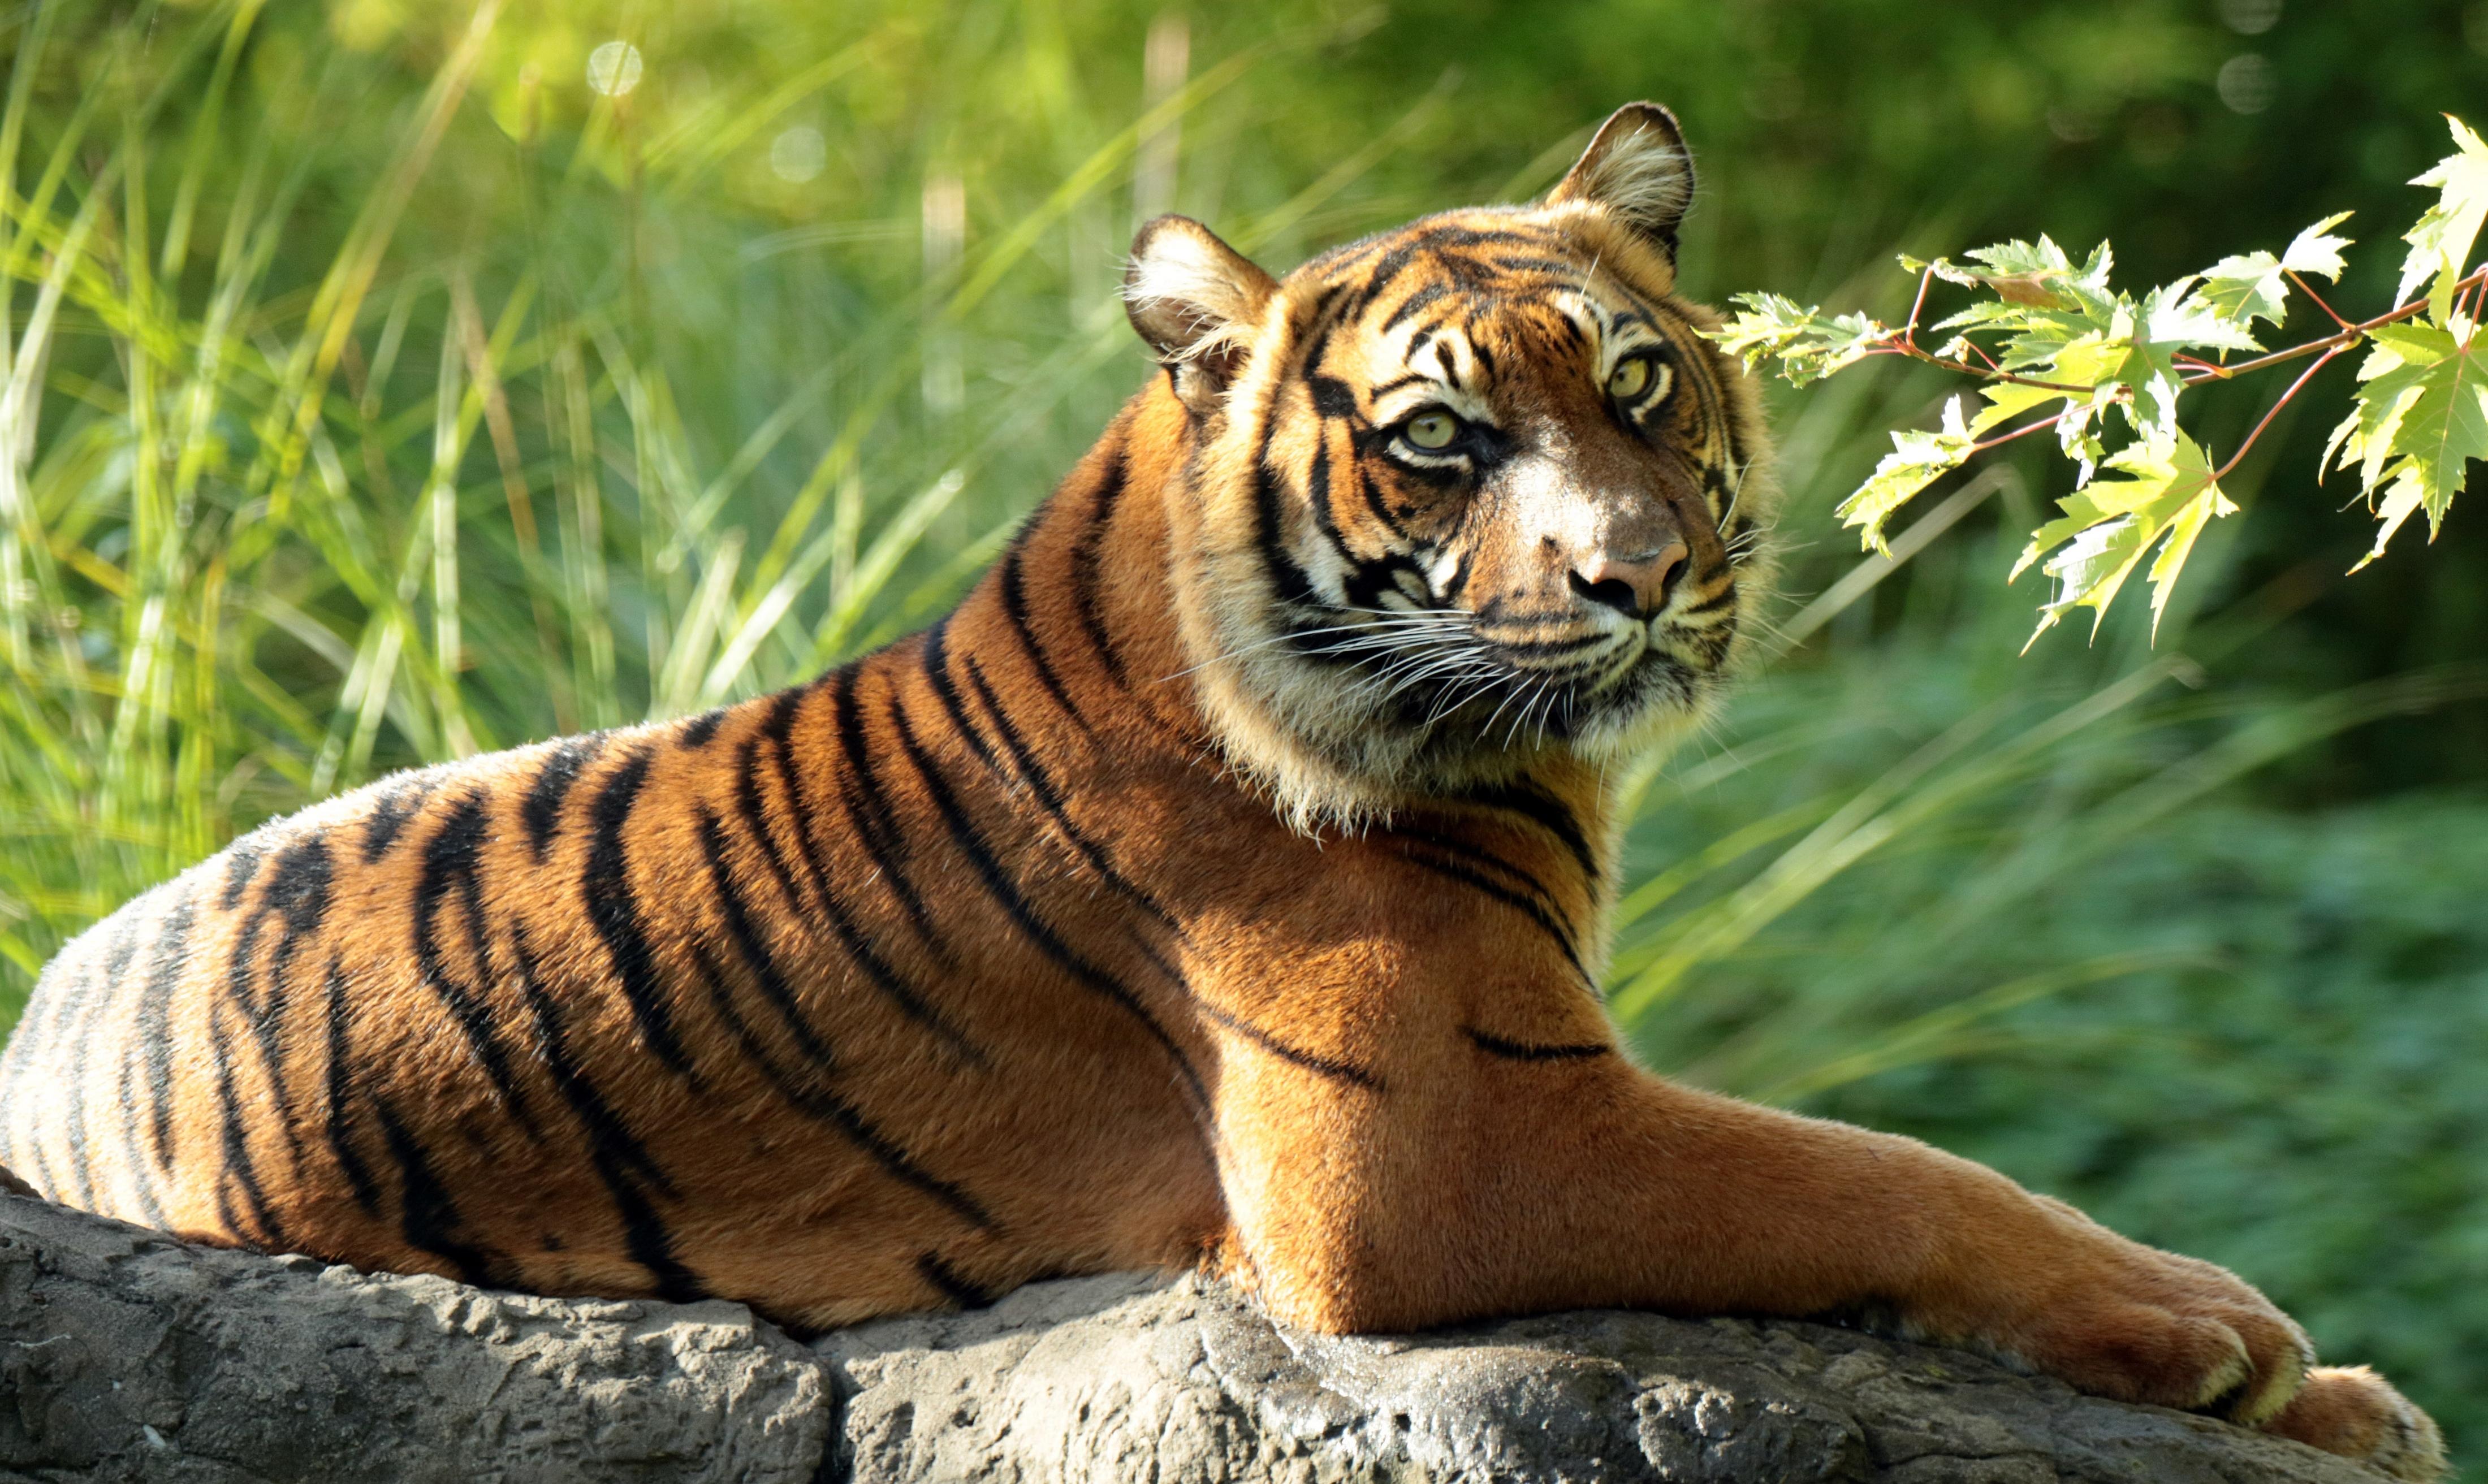 тигр картинки фотографии понарошку ест мясо